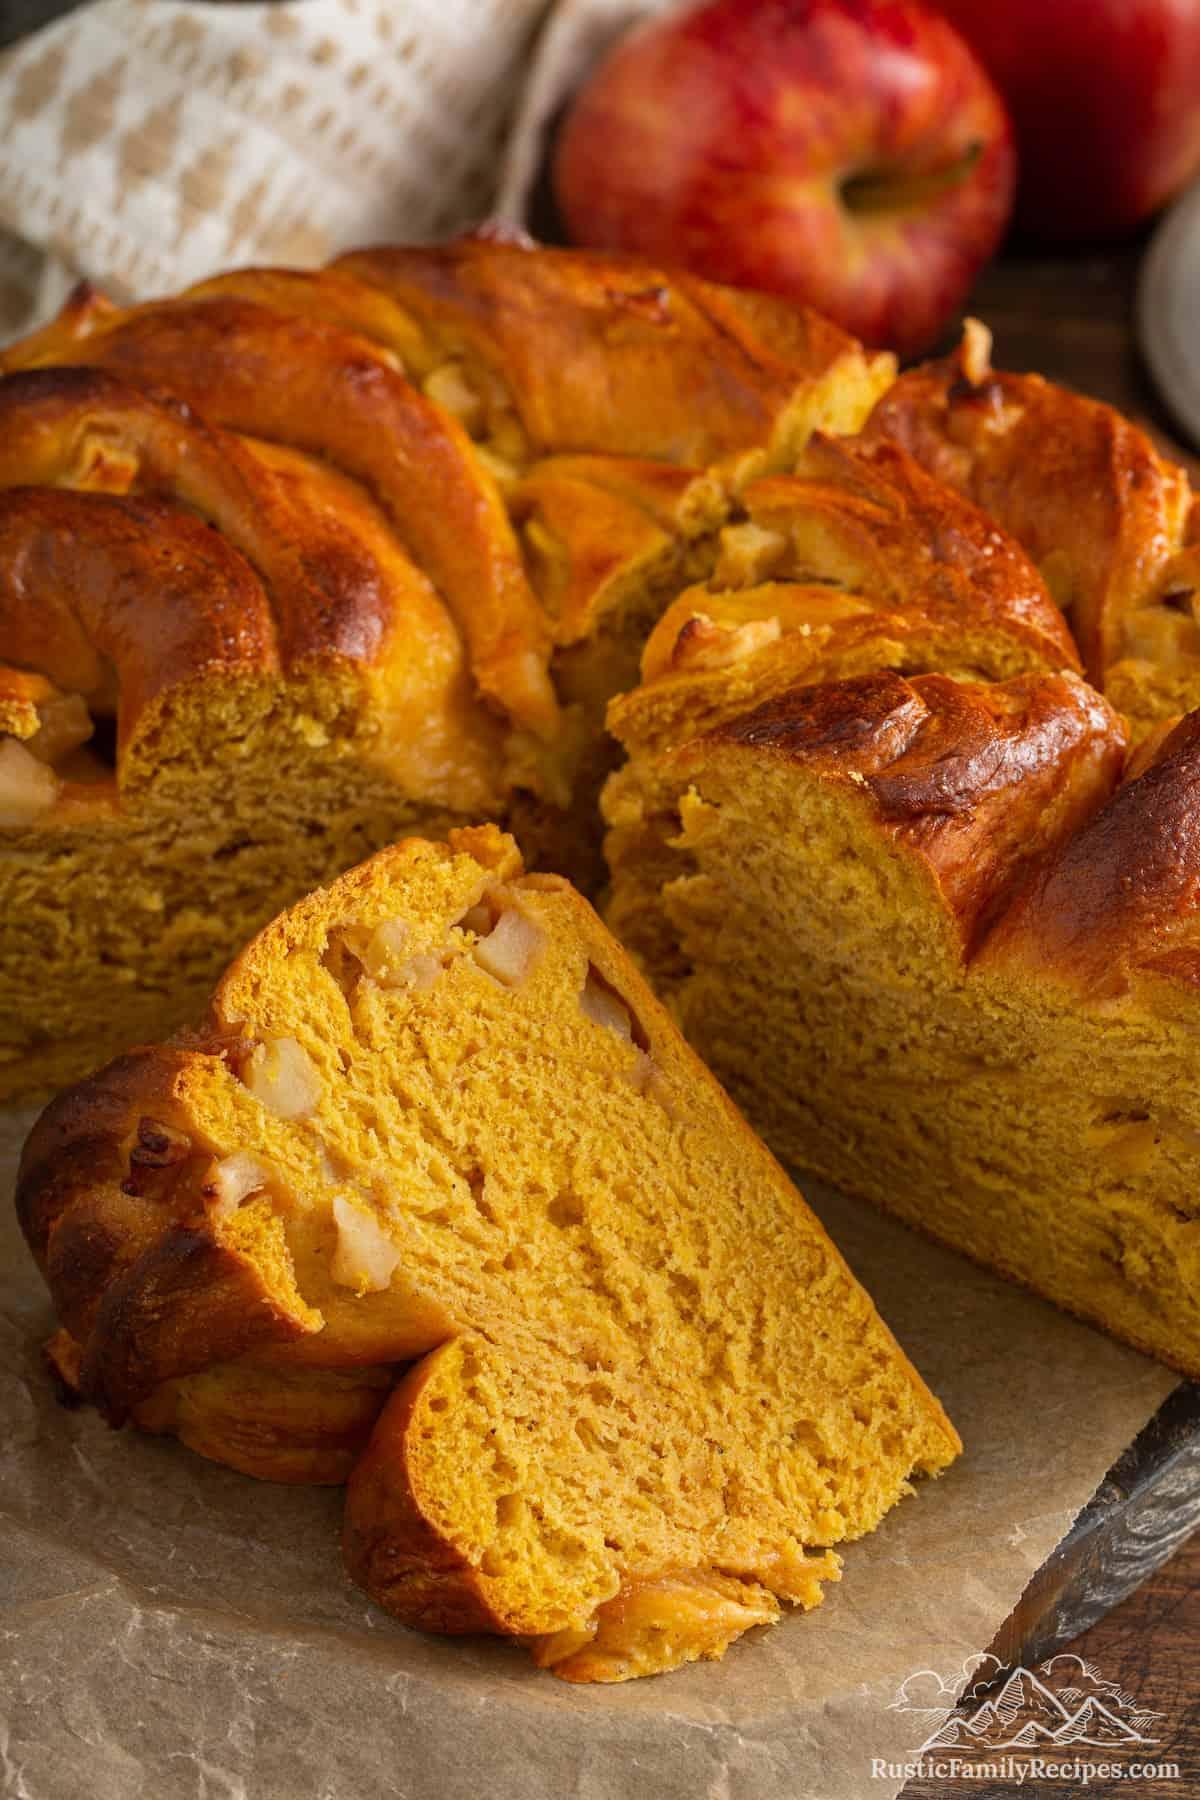 Pumpkin Apple Apricot Bread on parchment paper